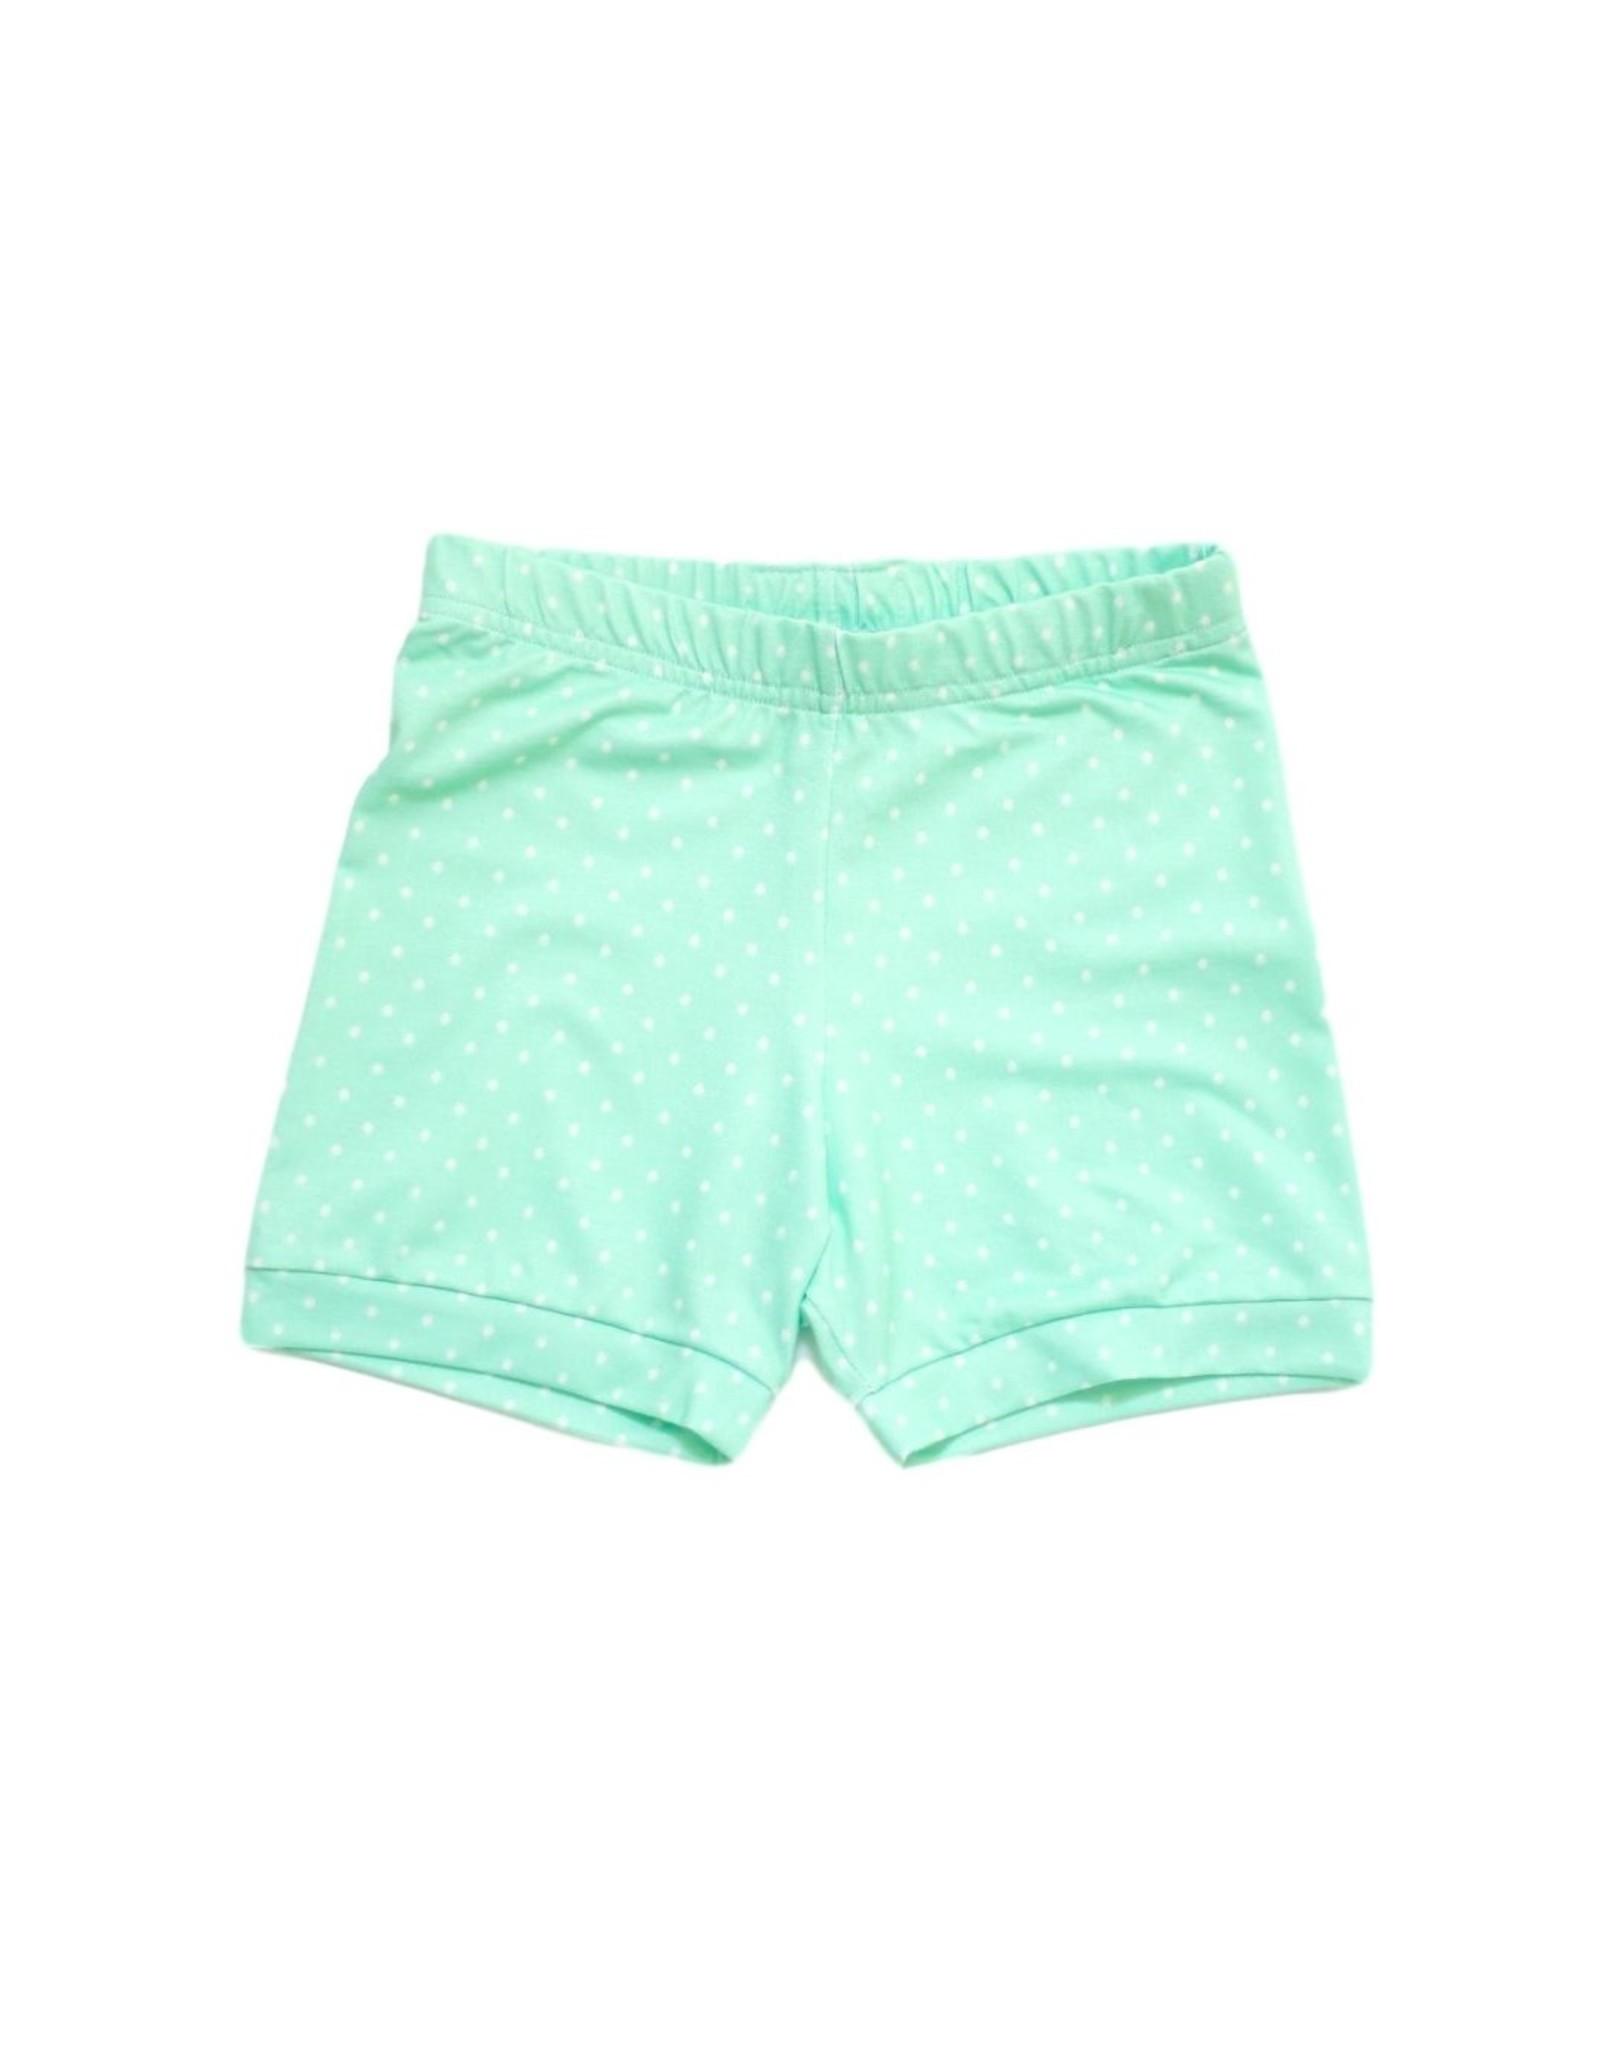 Be Girl Cartwheel Shorties - Mint Dot